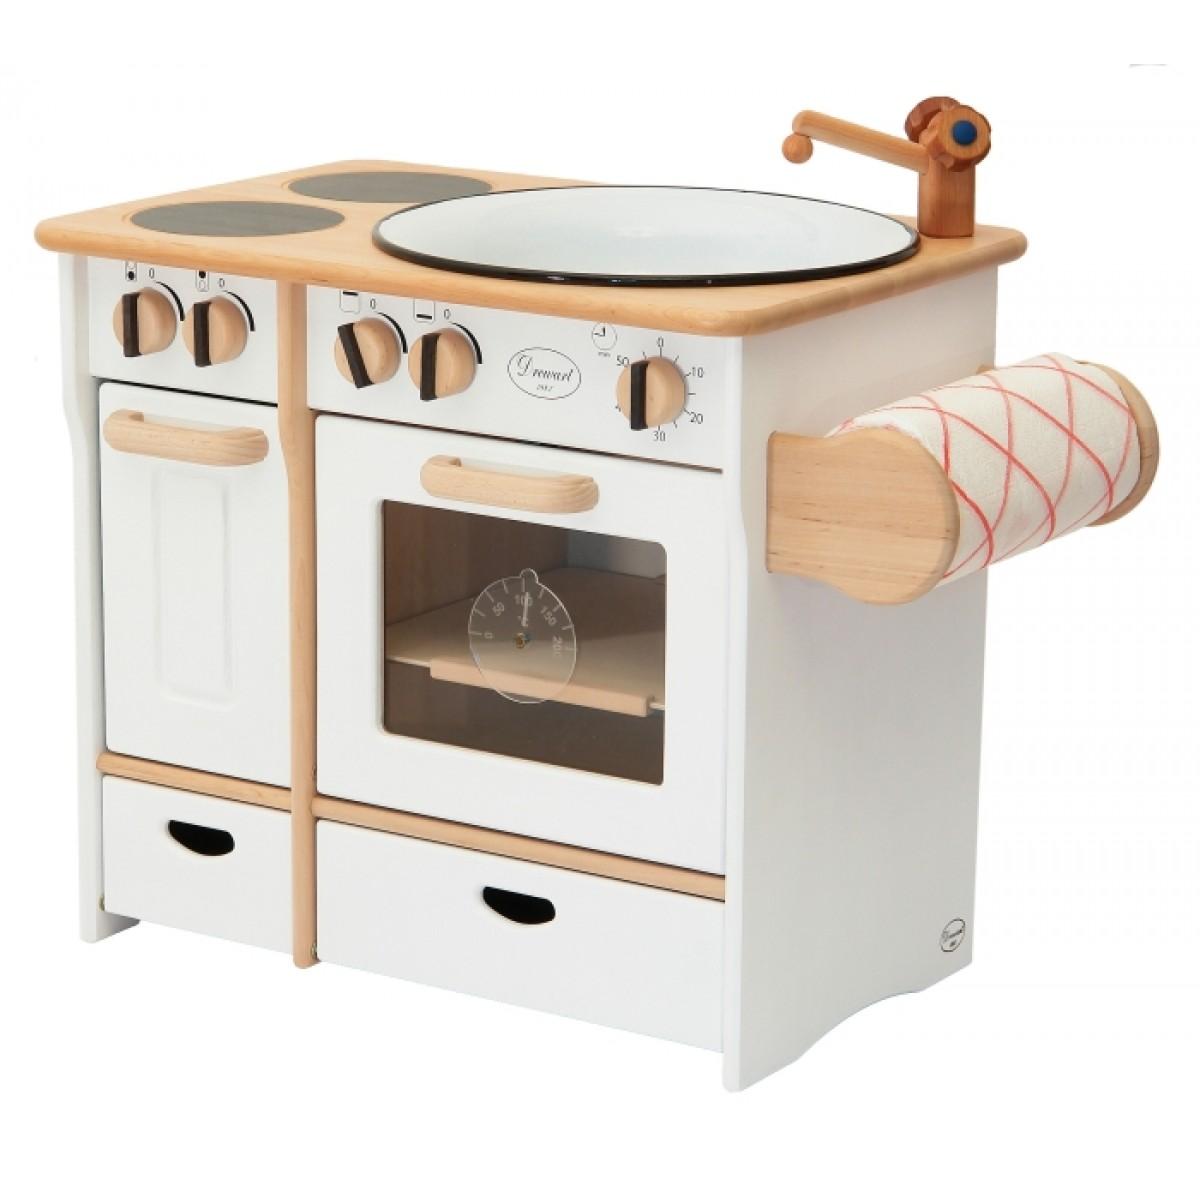 SUN Kinderküche Gourmet Station in weiß: Holzspielzeug Profi